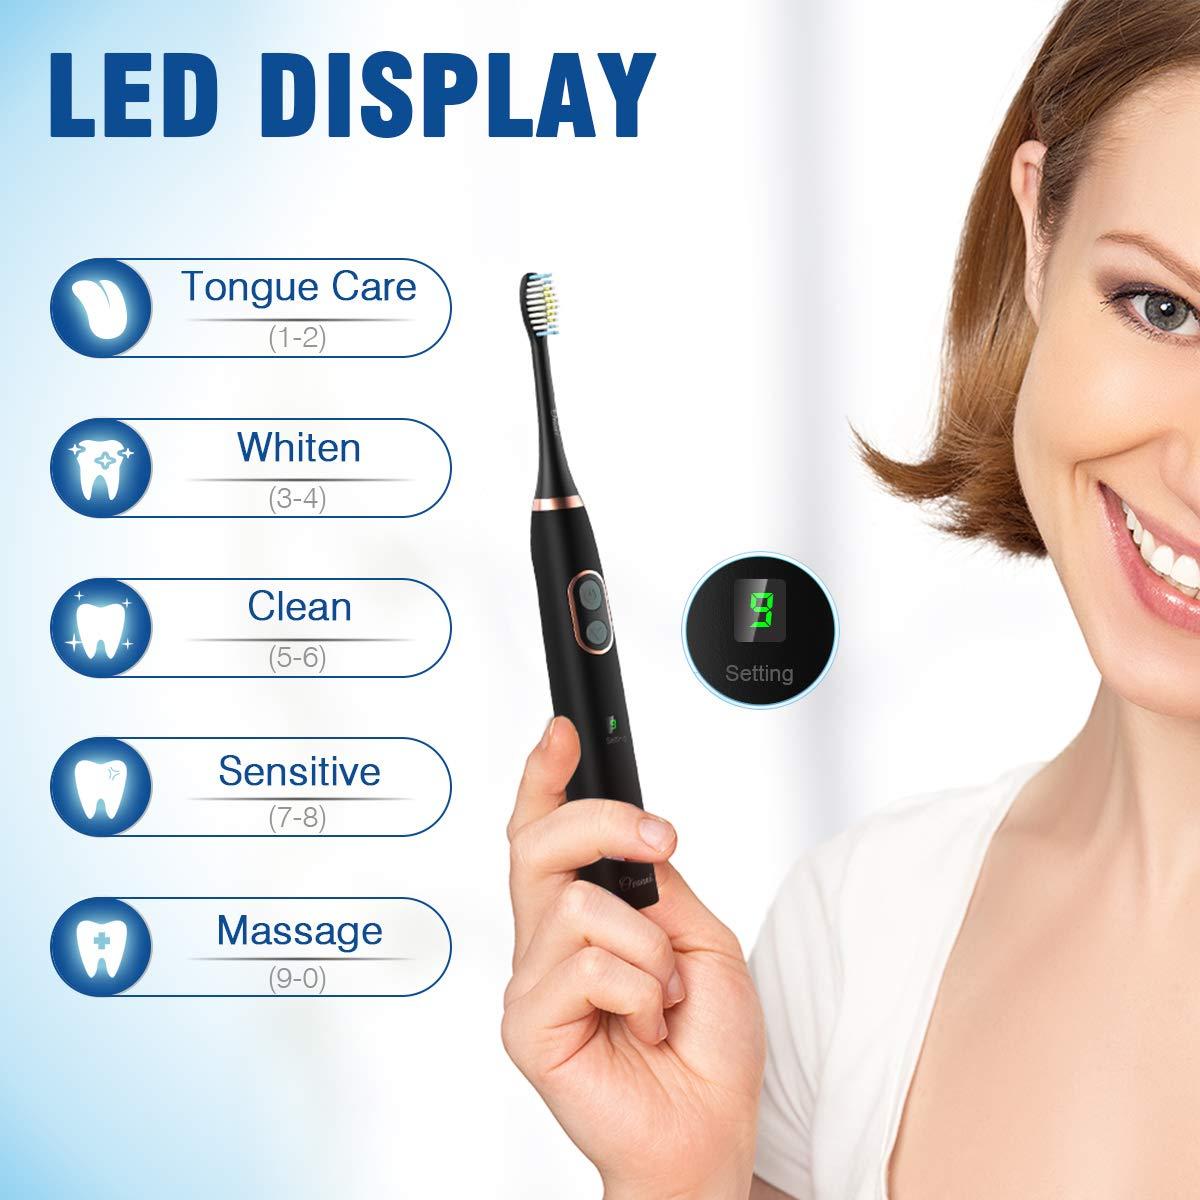 Ovonni Cepillo dientes eléctrico sónicos recargable,5 Modos 10 Potencia con 2 Cabezales de Recambio, LED Pantalla, Regalo Caja de Viaje, IPX 7 Impermeable, ...